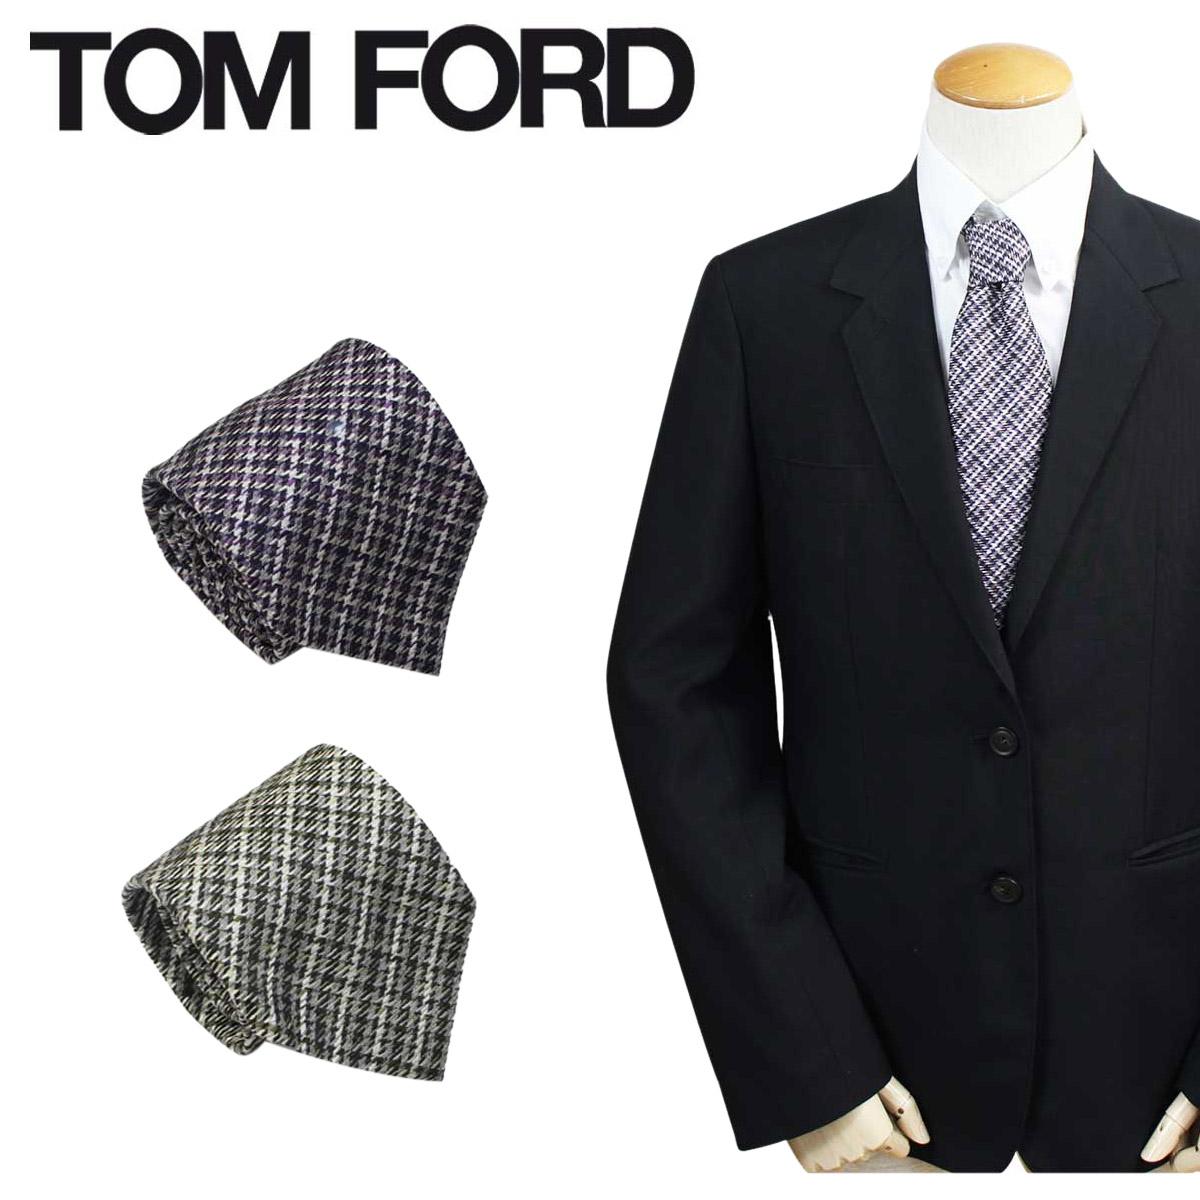 TOM FORD トムフォード ネクタイ シルク メンズ カジュアル ビジネス 結婚式 イタリア製 【決算セール 返品不可】